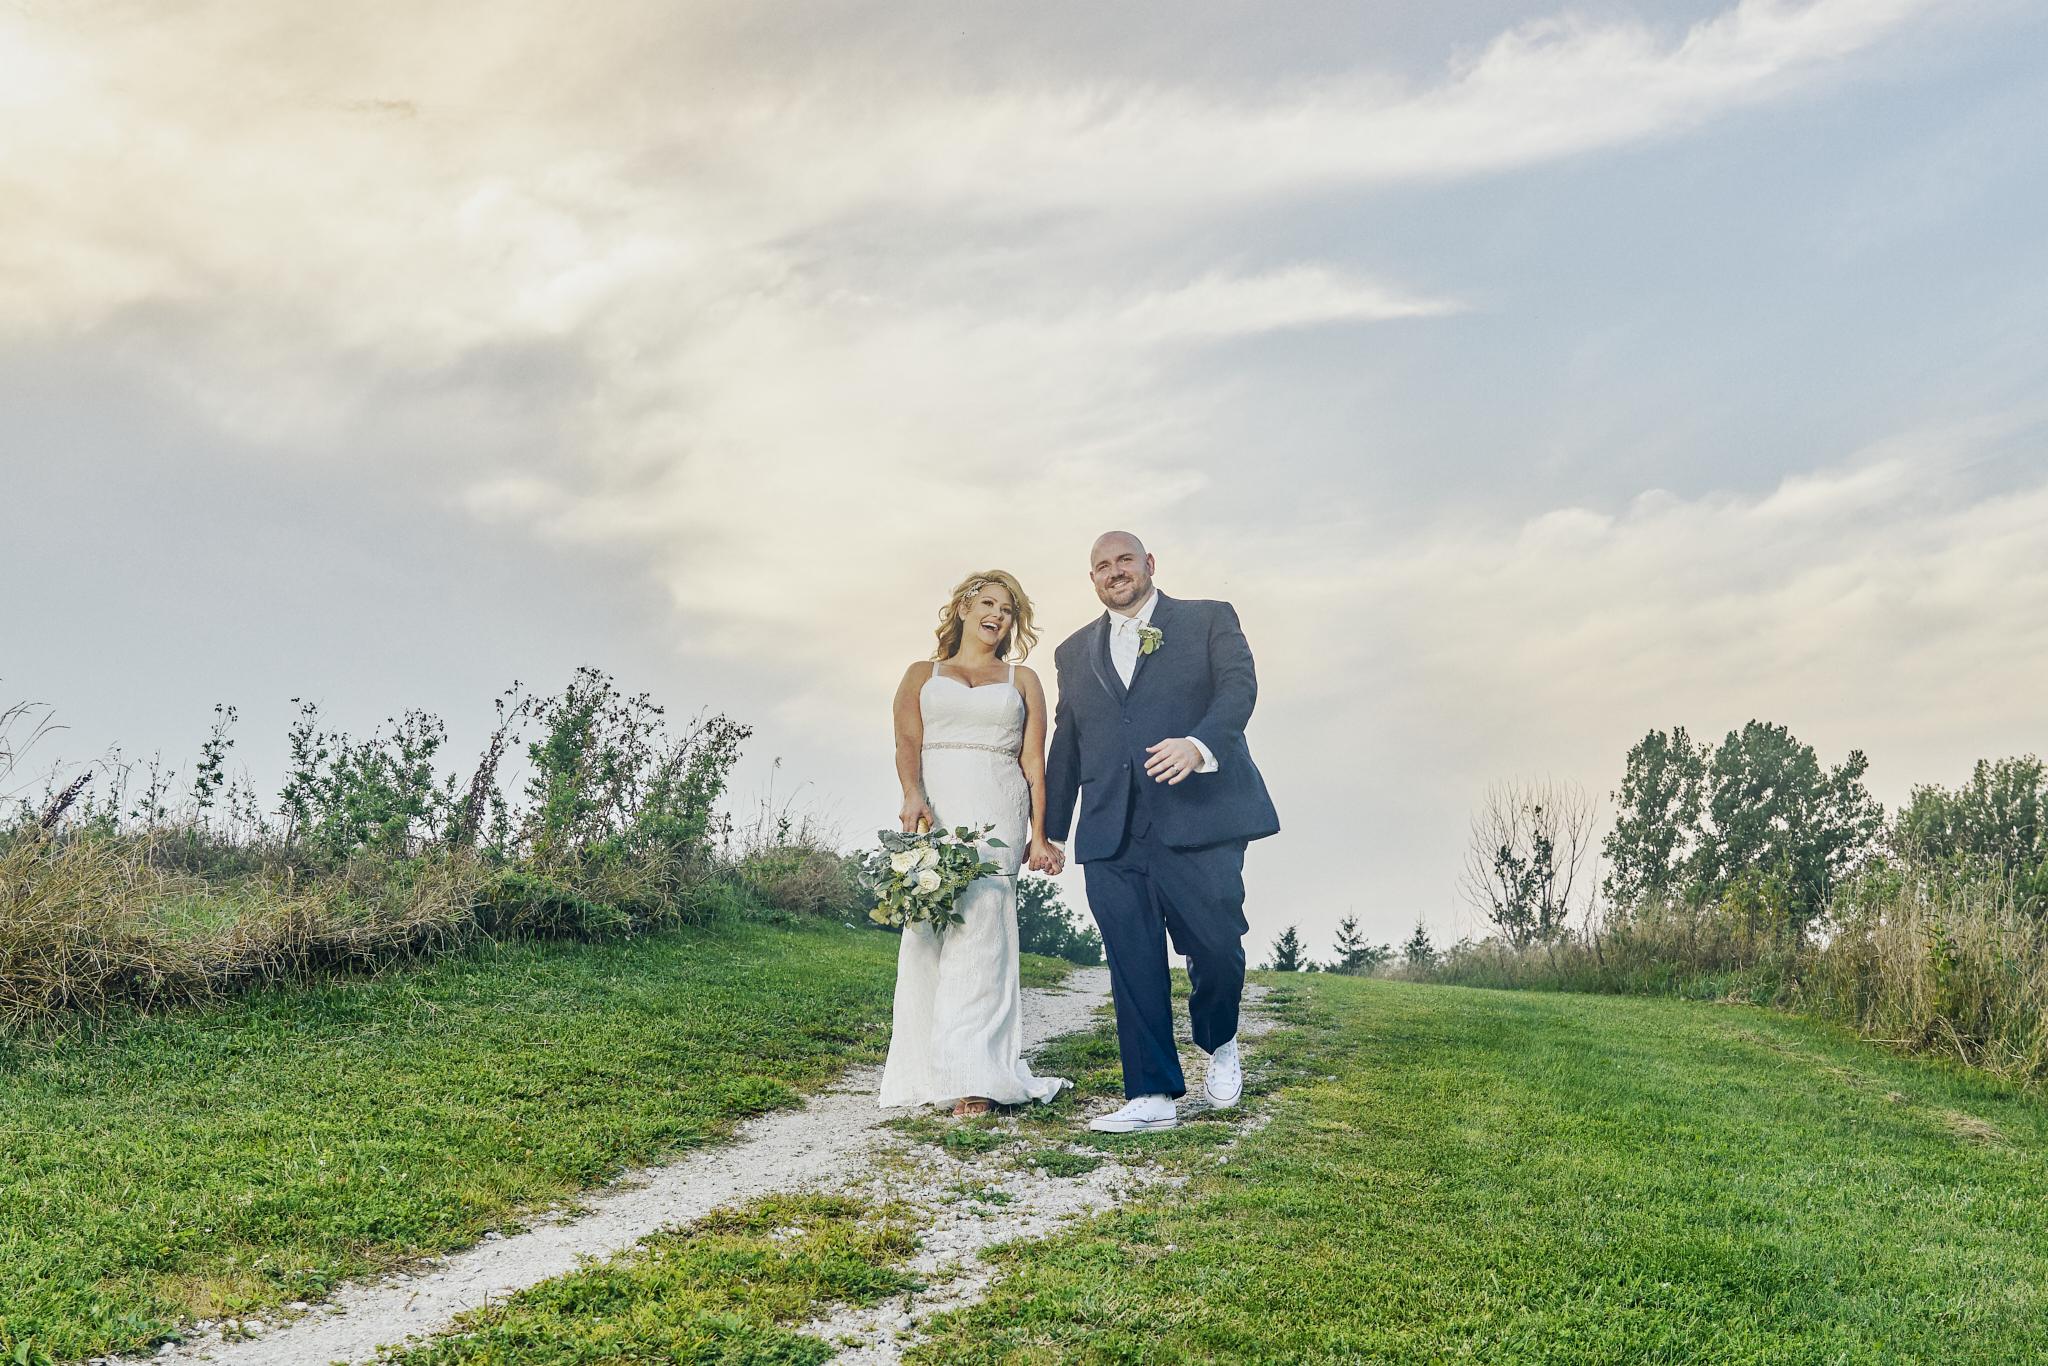 J.R. Clubb Photography Orr Wedding 16001003.jpg